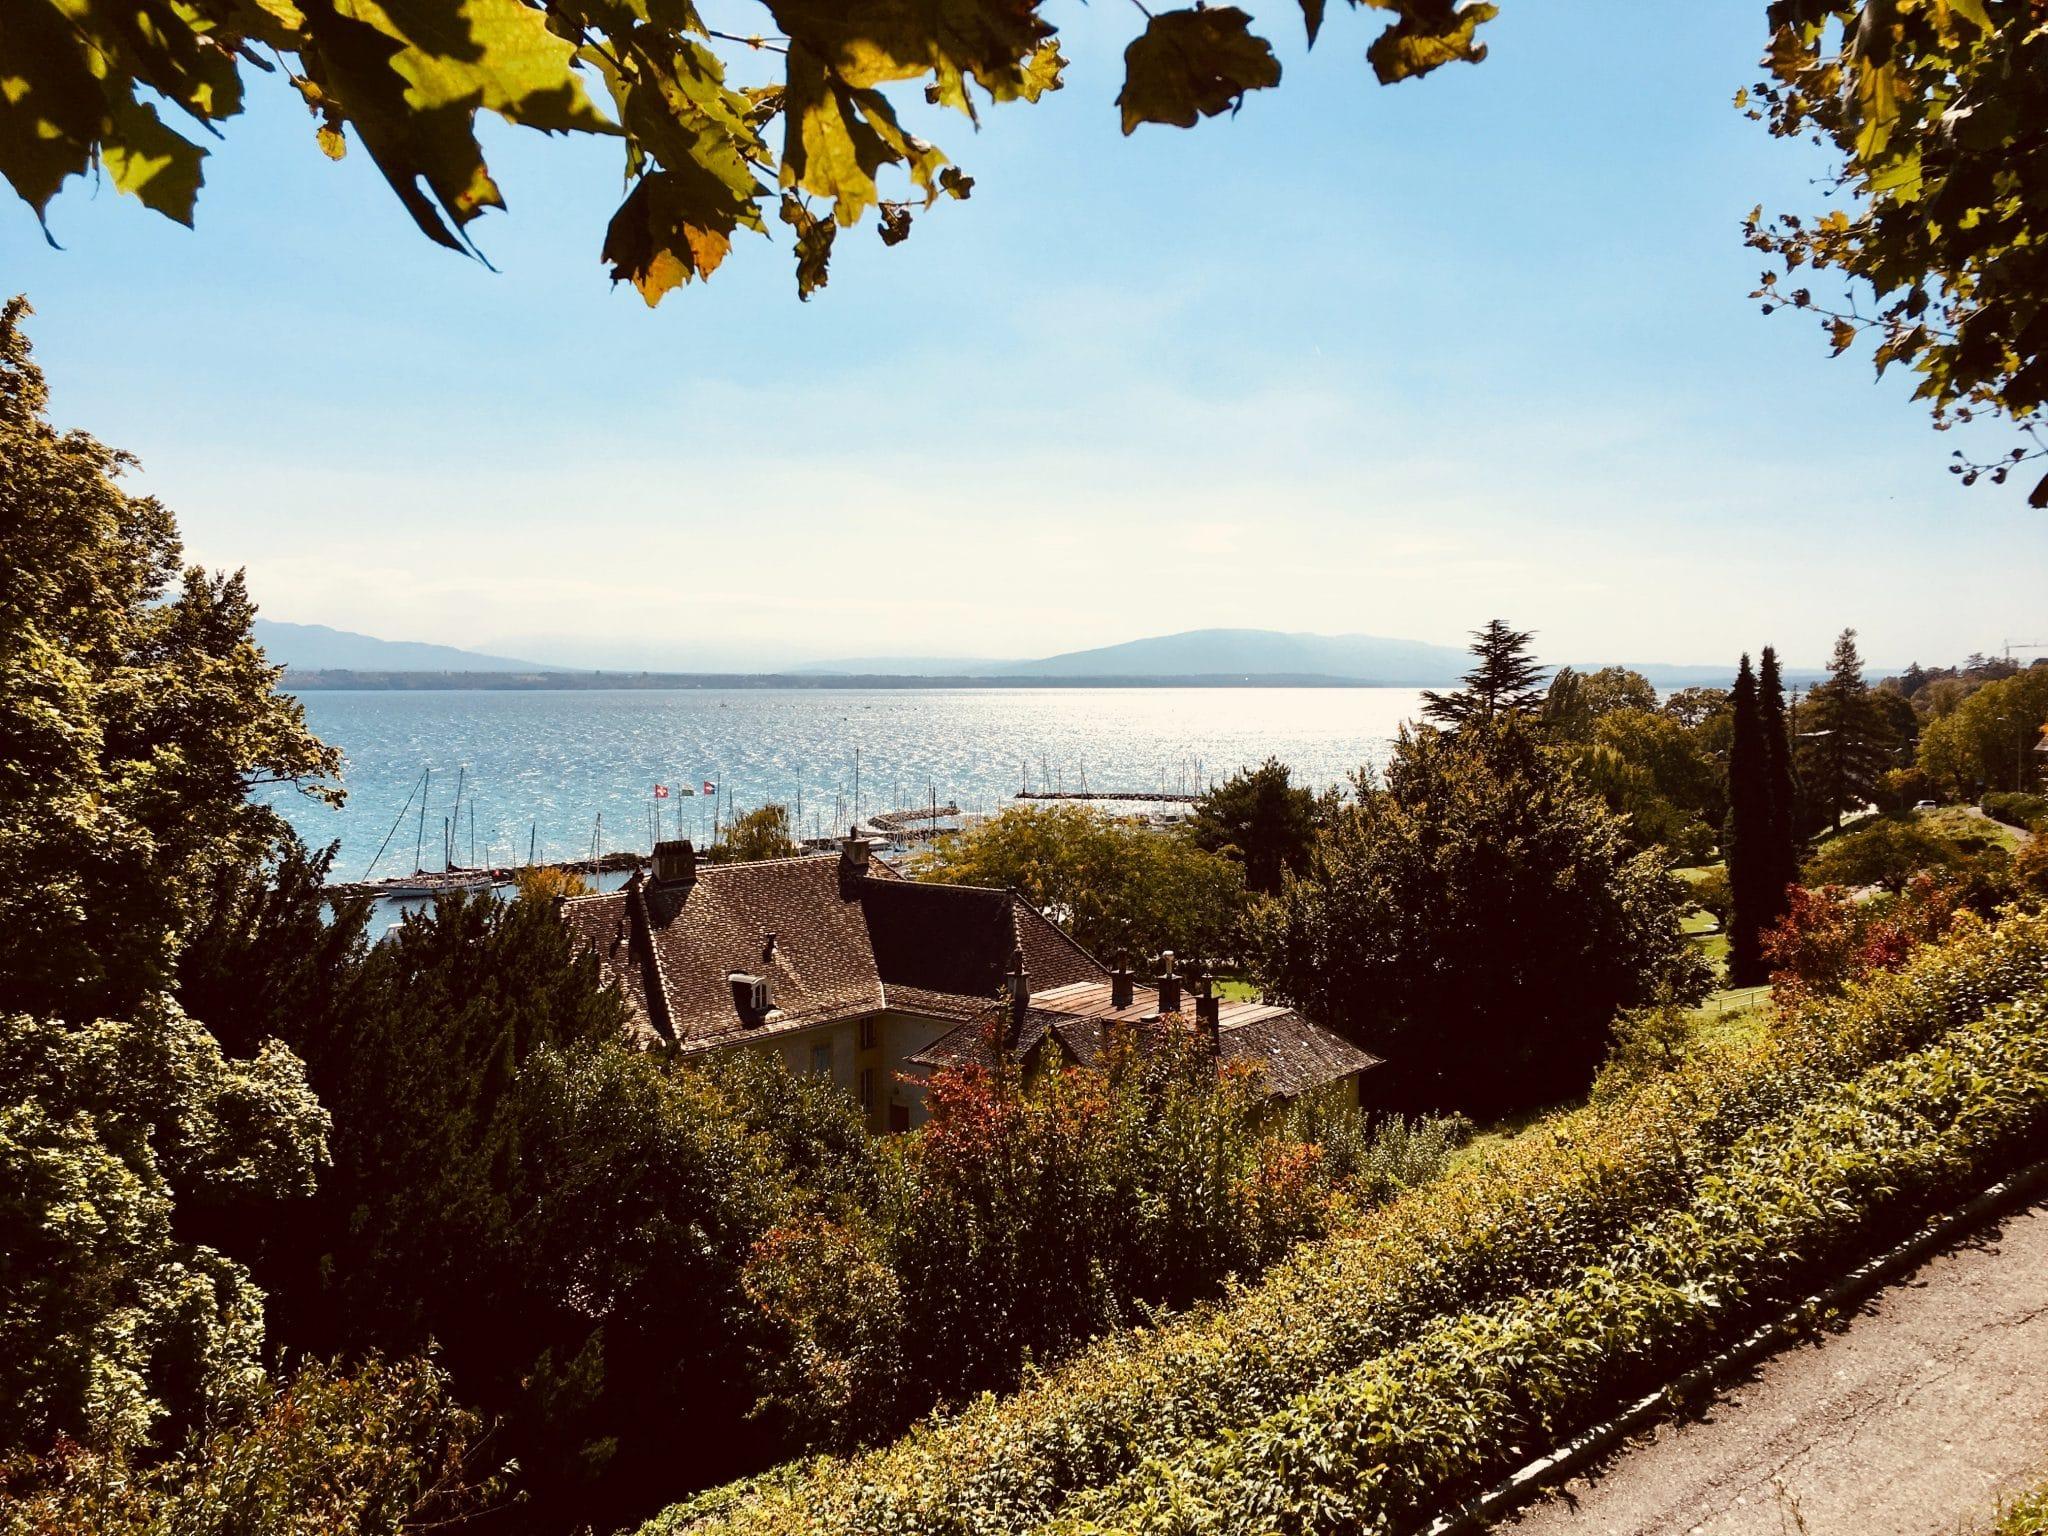 Nyon - Lac Leman - Balade - Visite - promenade - découverte - château - baignade - tourisme - découverte - vin